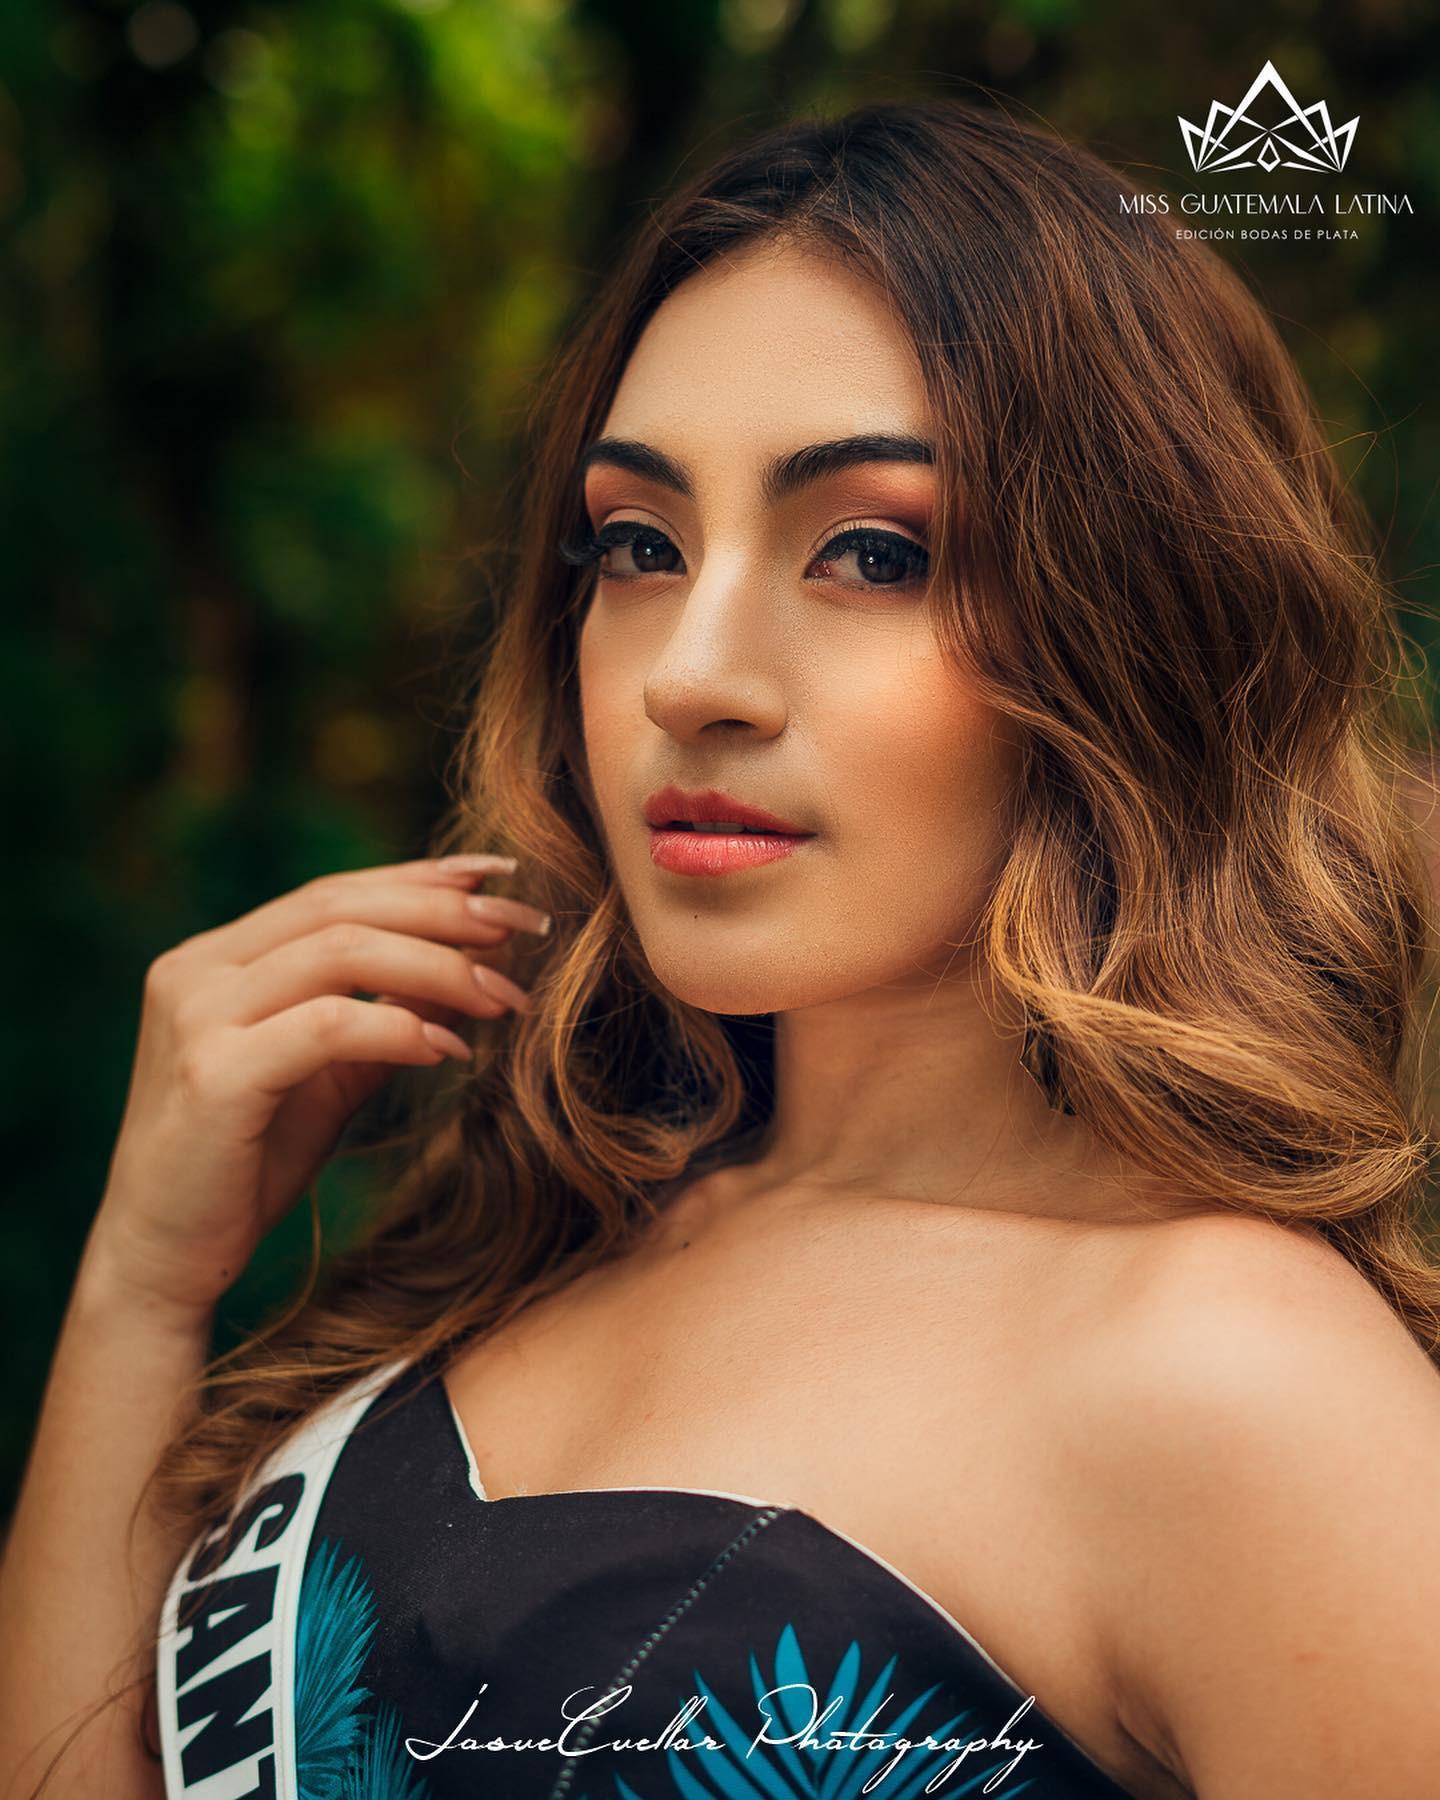 candidatas a miss guatemala latina 2021. final: 30 de abril. - Página 10 BFNohb